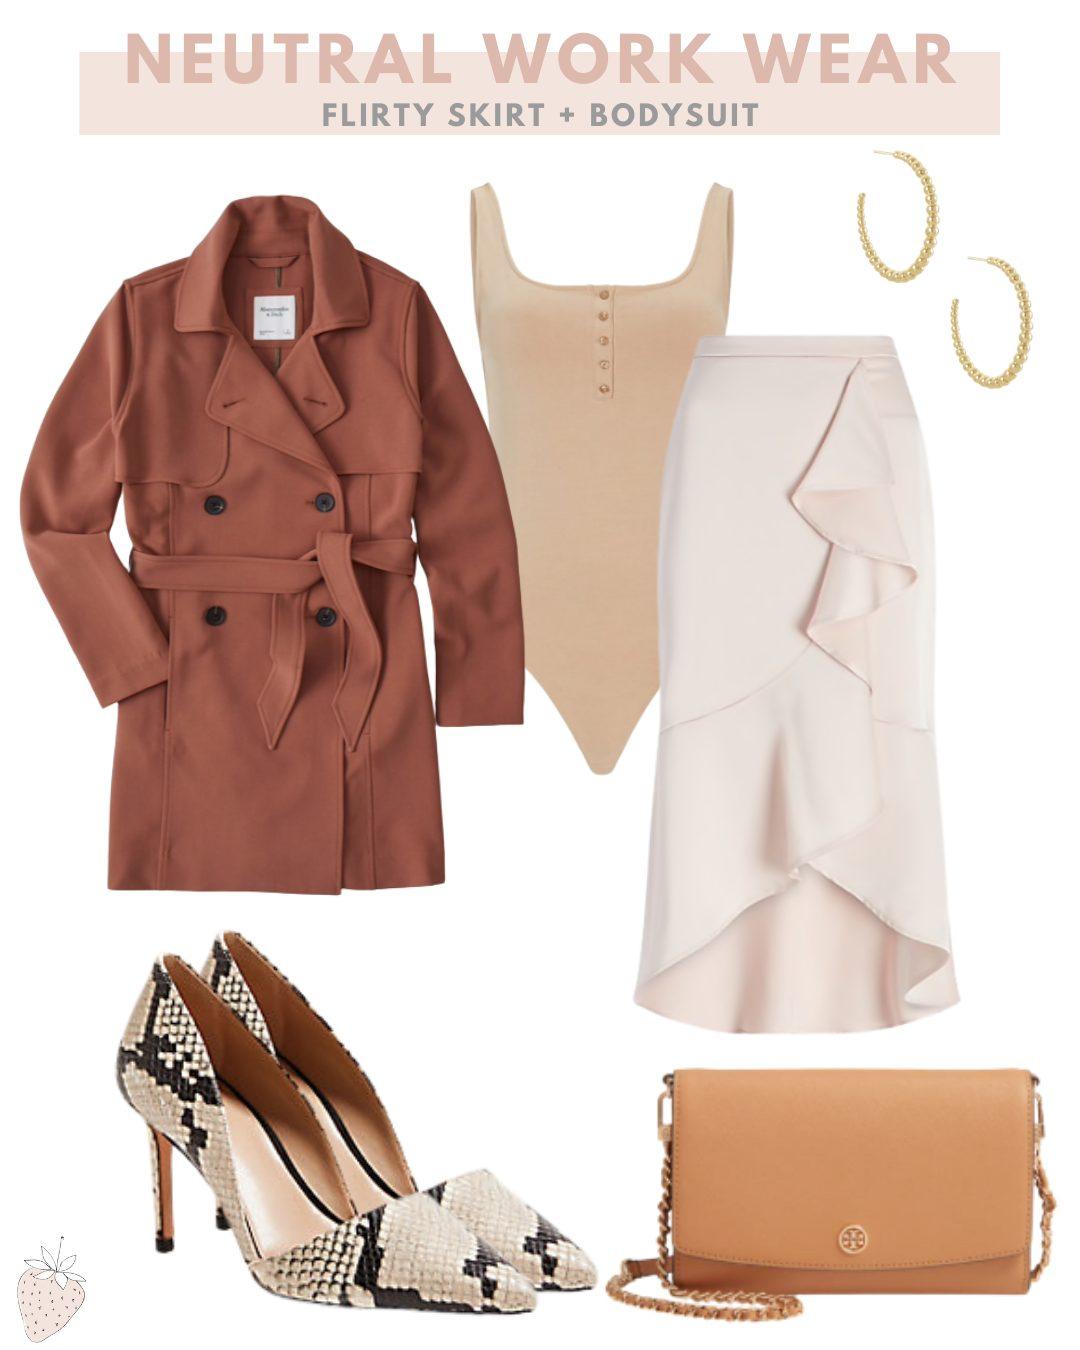 5 Neutral Work Wear Looks